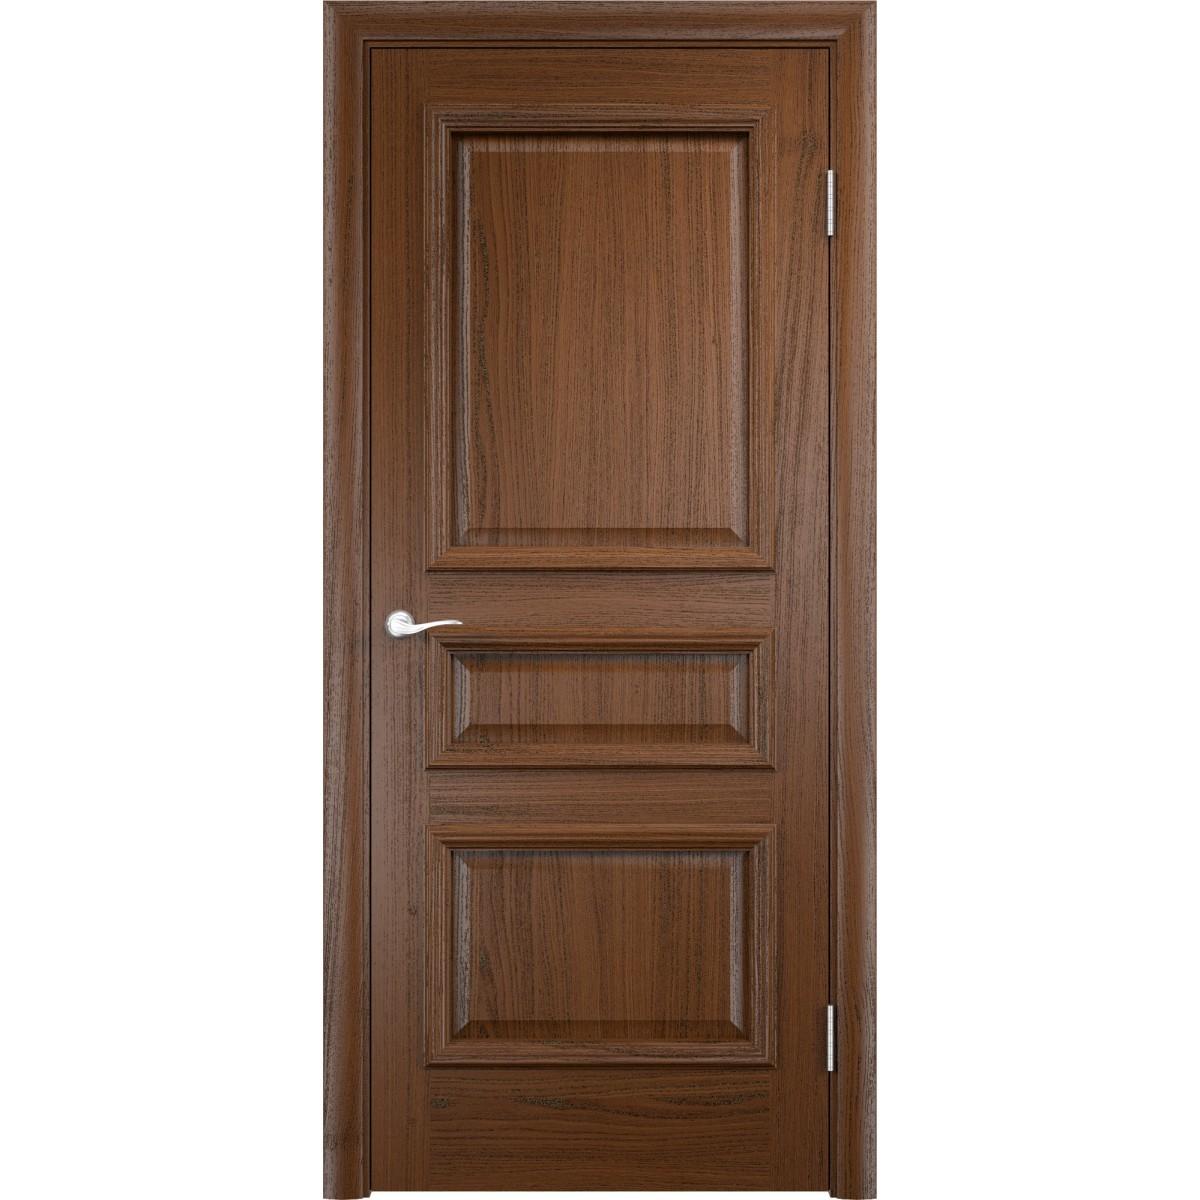 Дверь межкомнатная глухая Мадрид 80x200 см шпон цвет дуб тёмный с фурнитурой